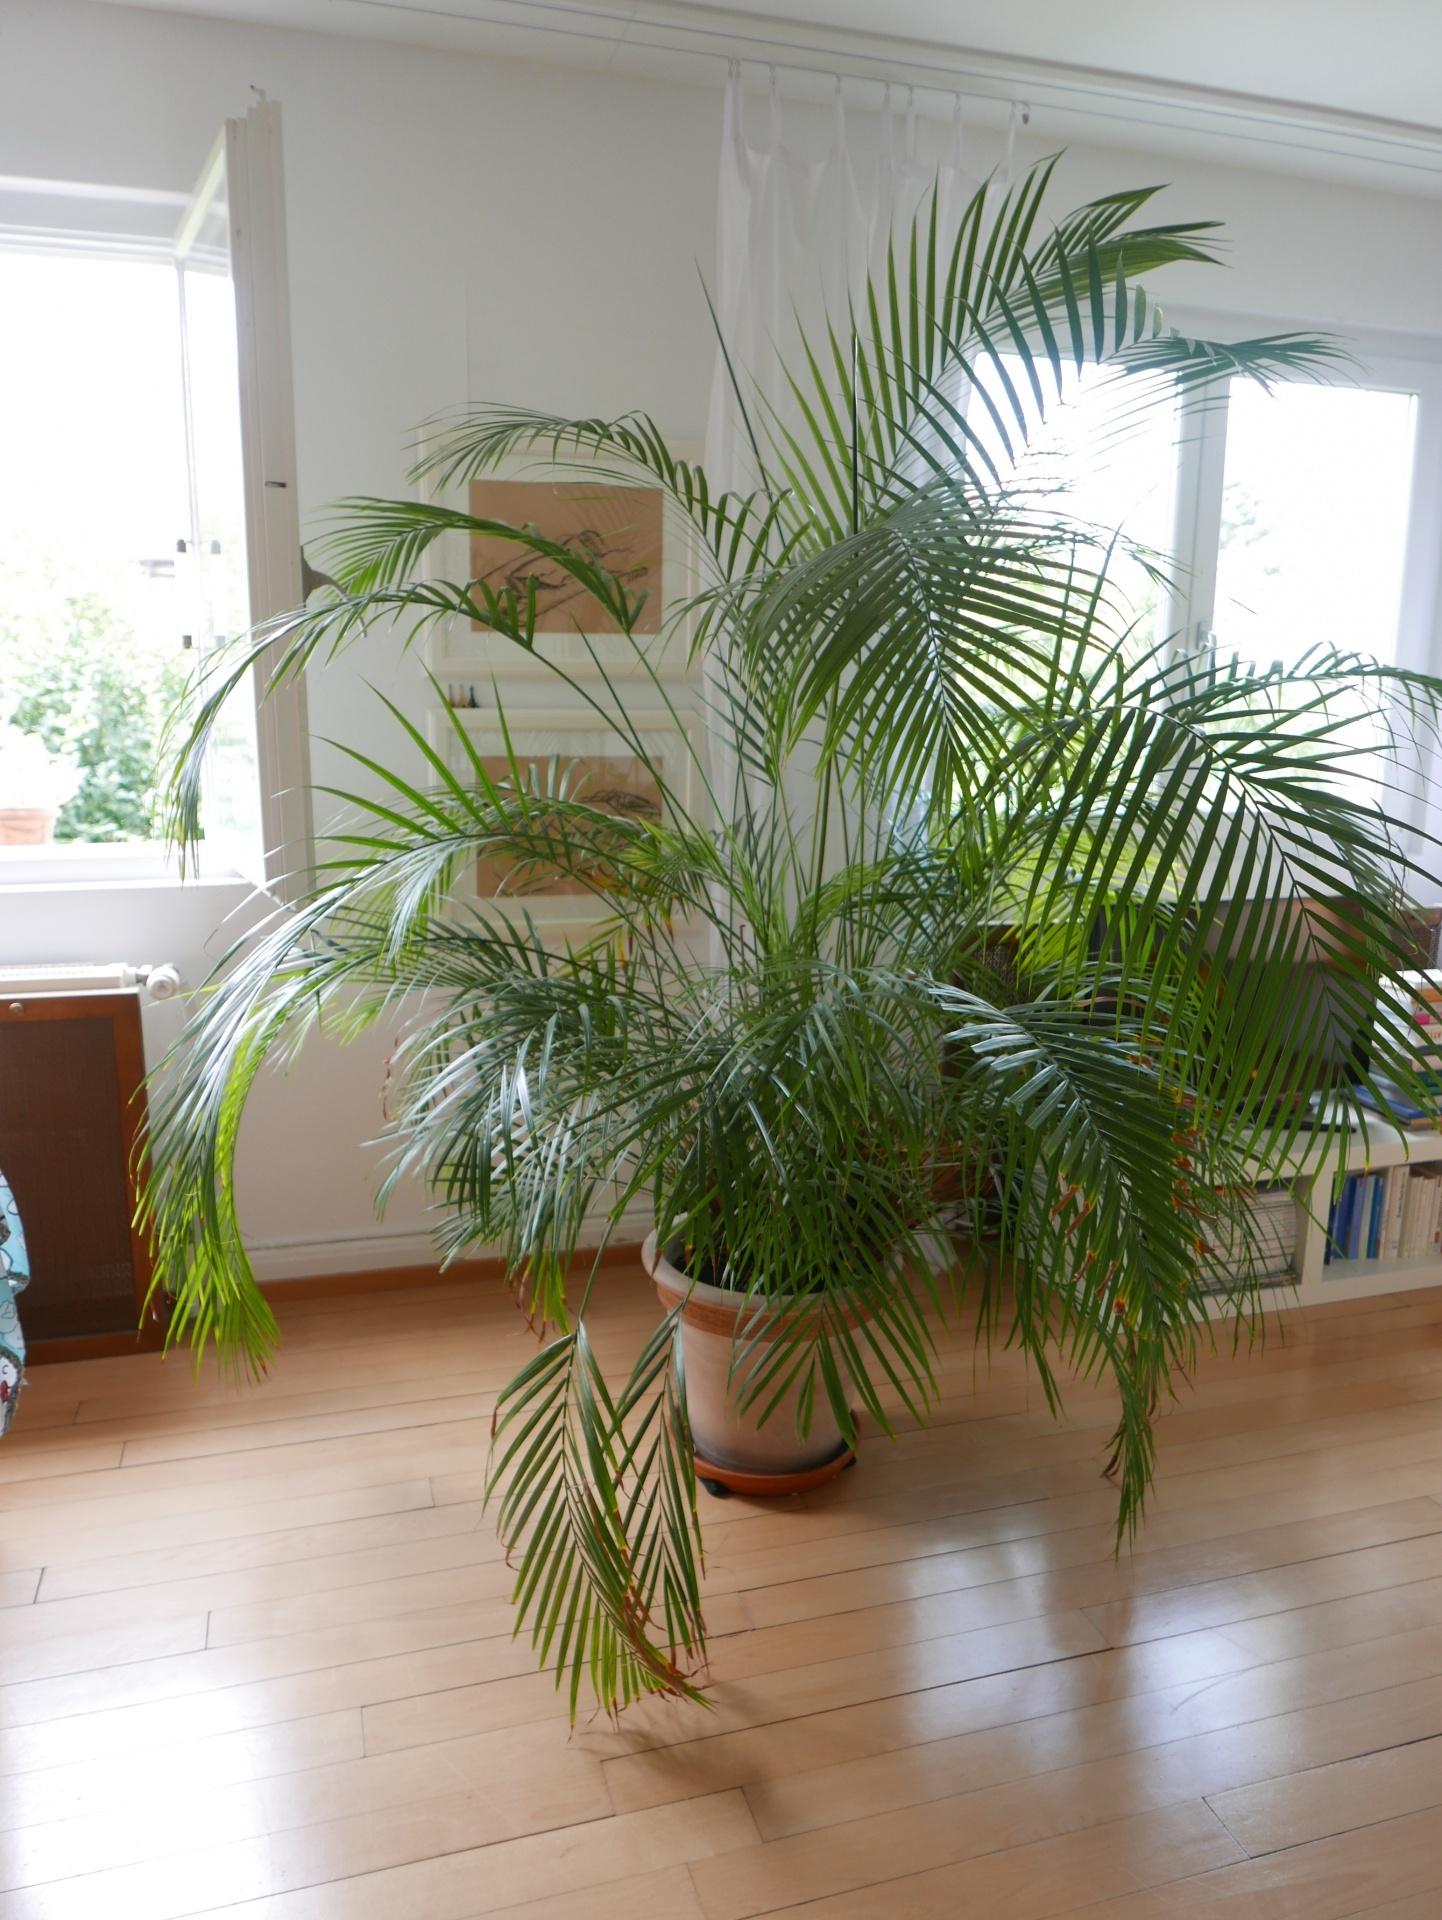 Home nicole knupfer - Palme wohnzimmer ...